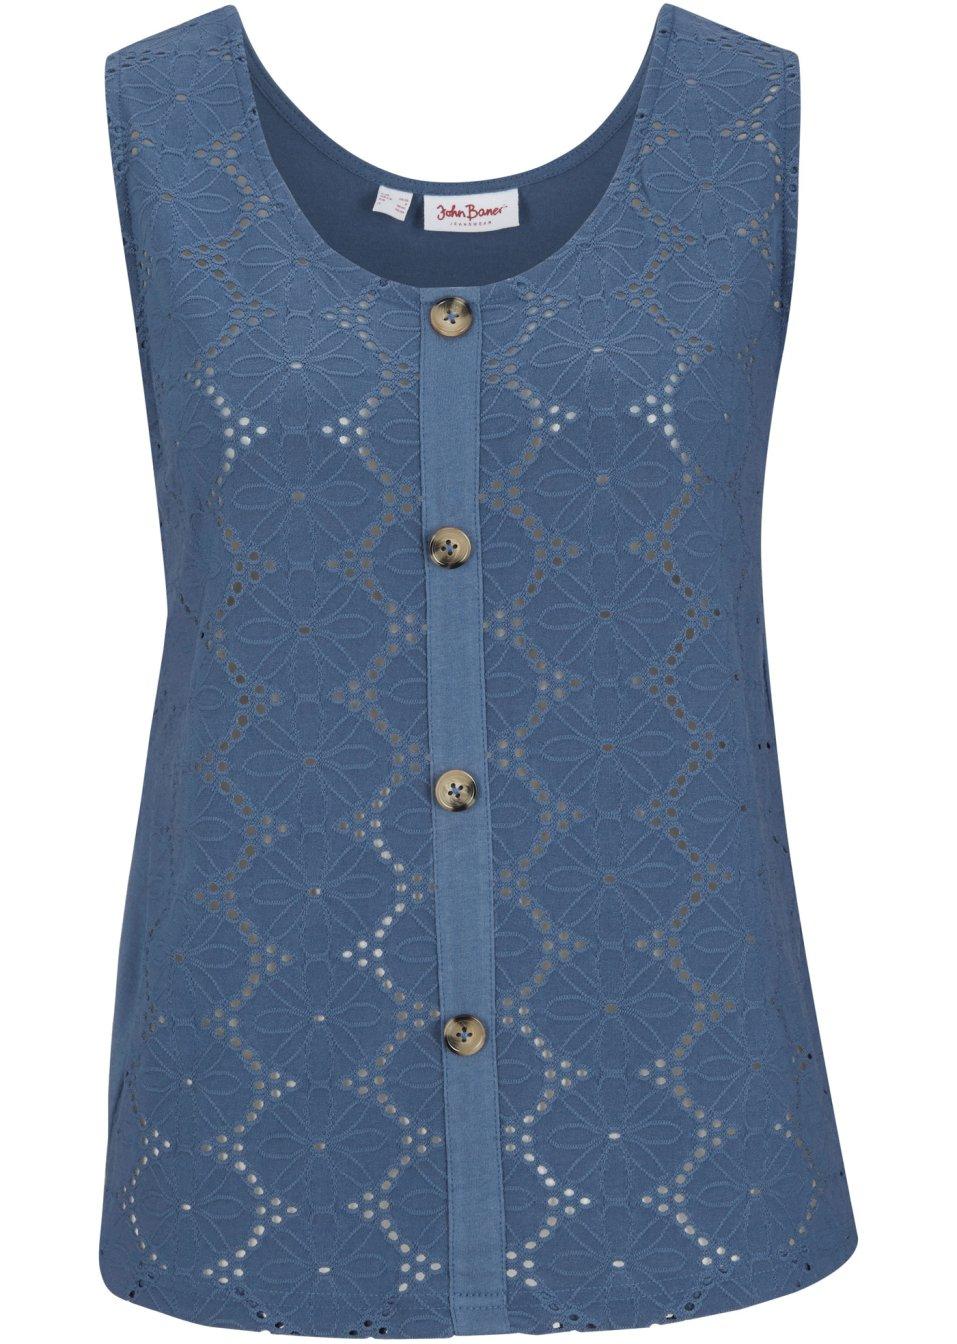 Shirttop mit Lochspitze indigo - Damen - John Baner JEANSWEAR - bonprix.de aRXpA fSlN4